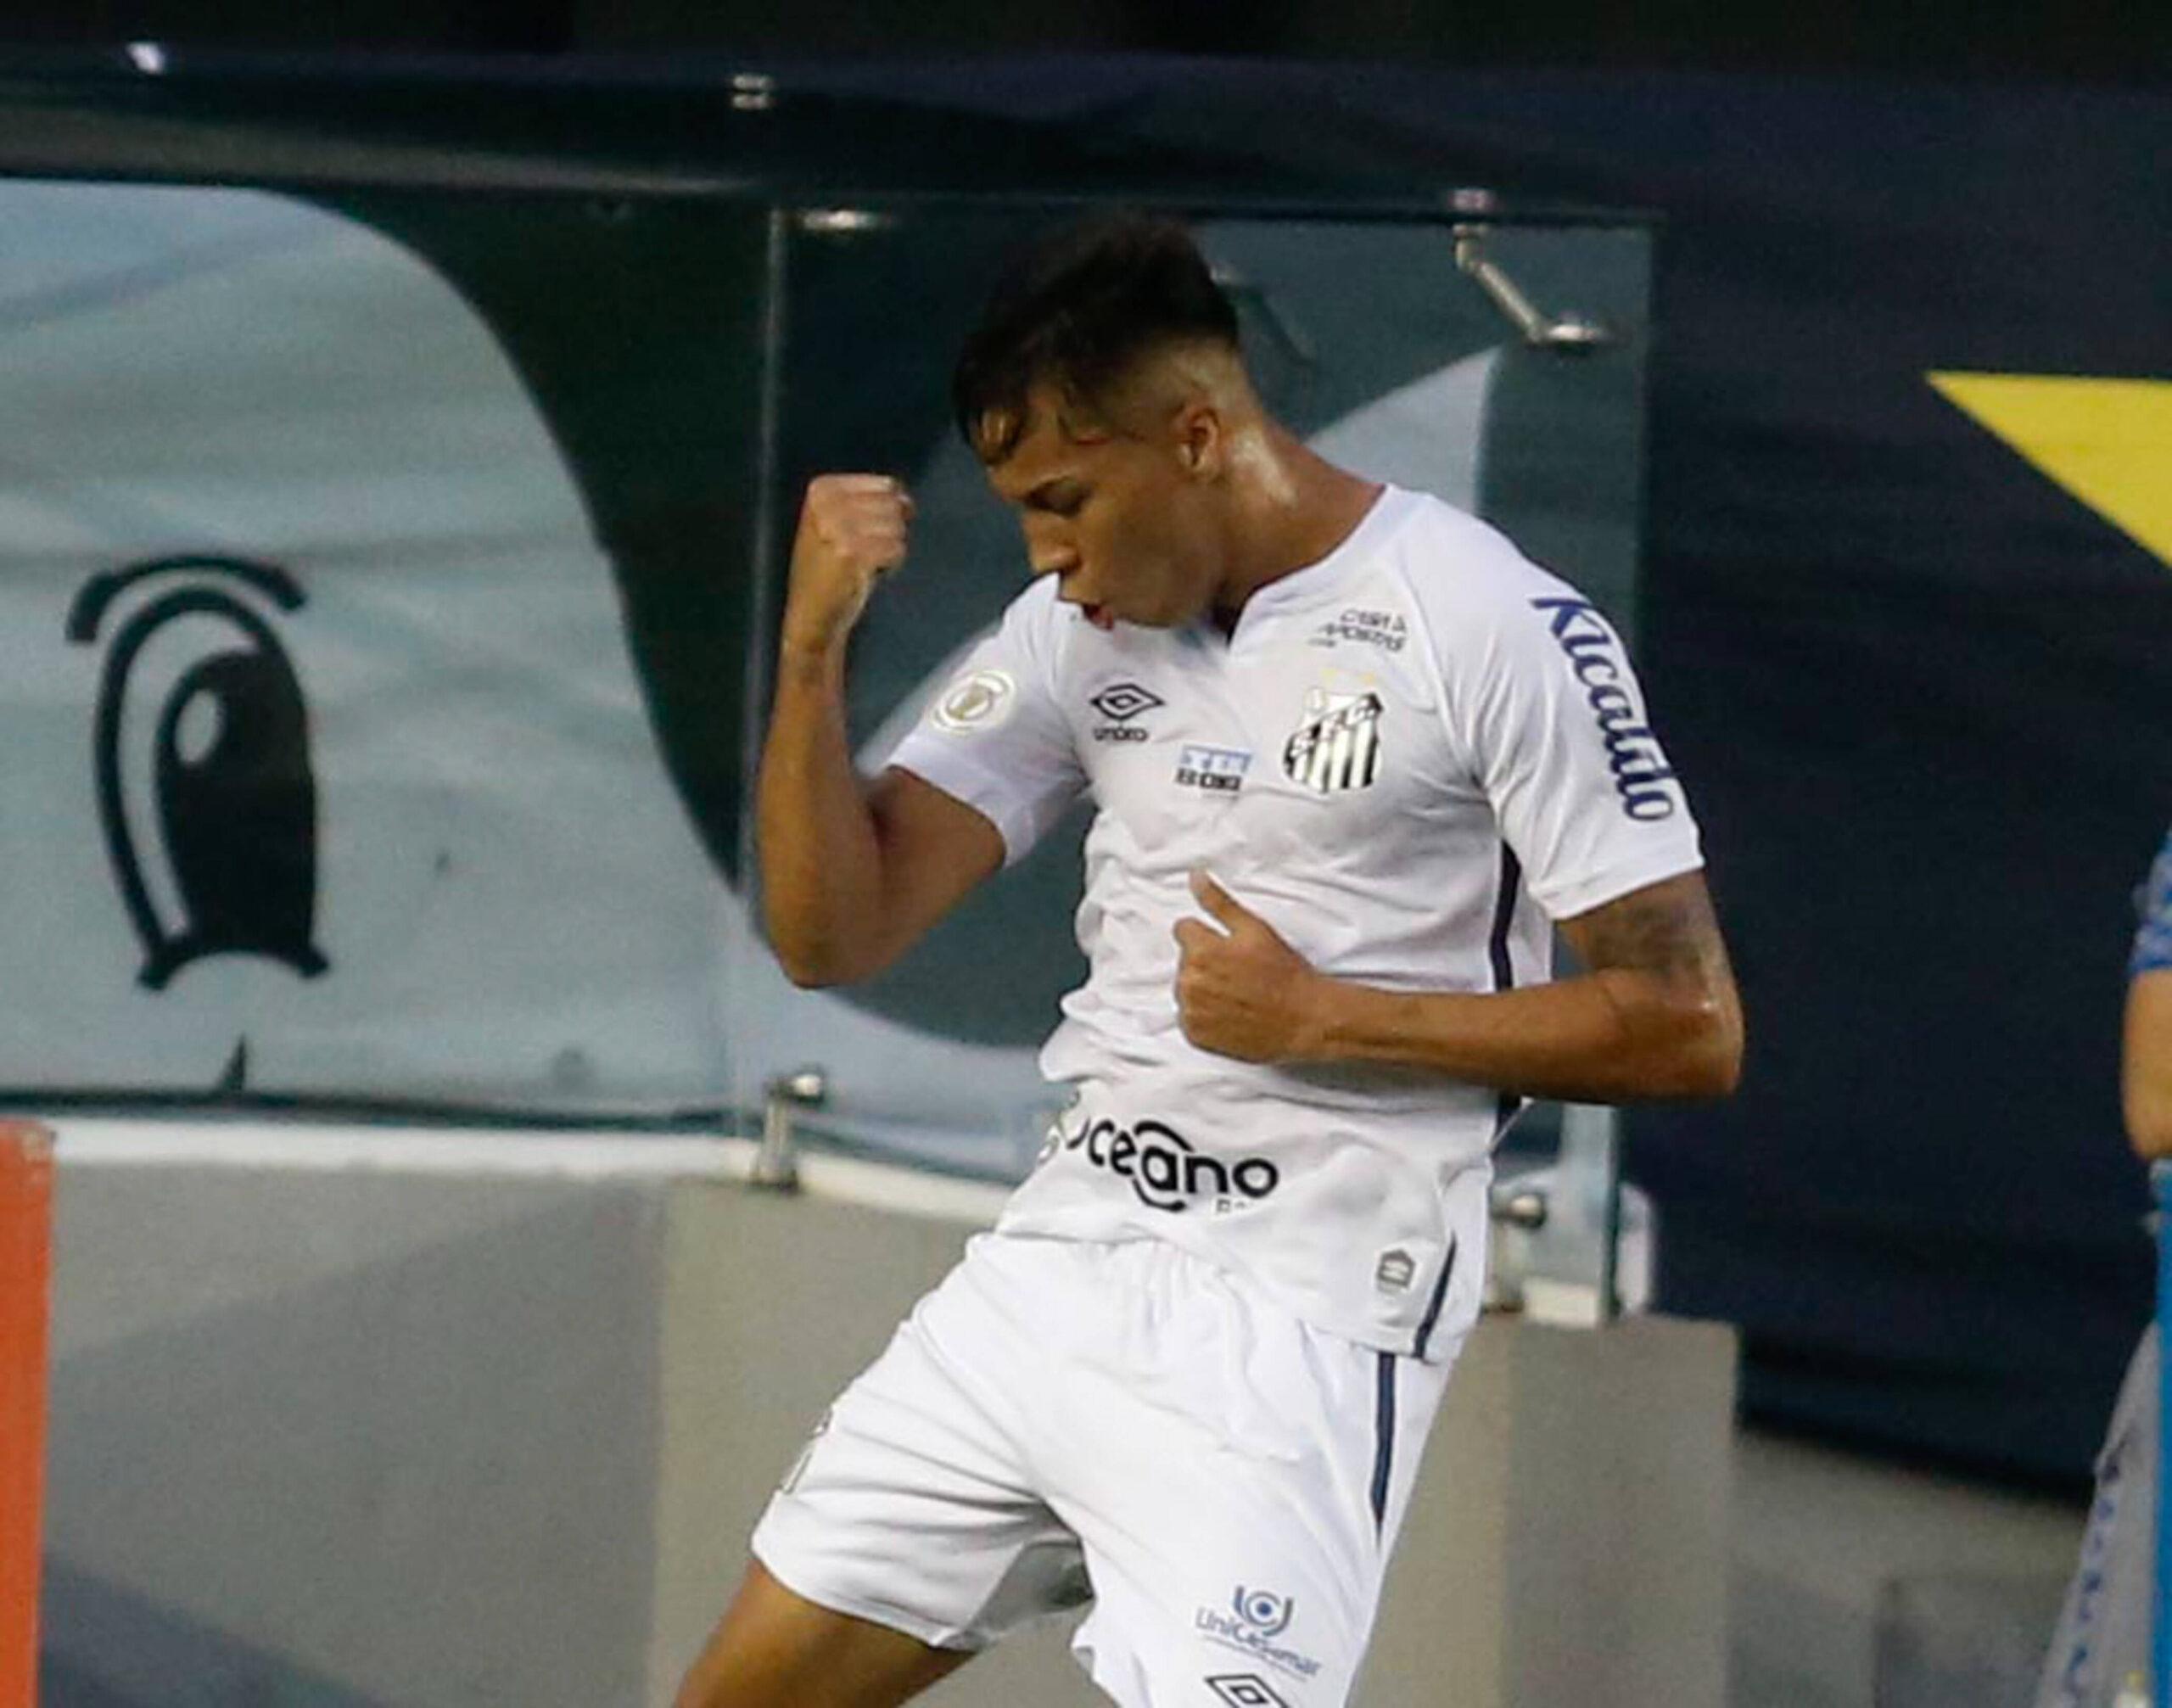 Era stato accostato al Napoli: Kaio Jorge ad un passo dalla Lazio